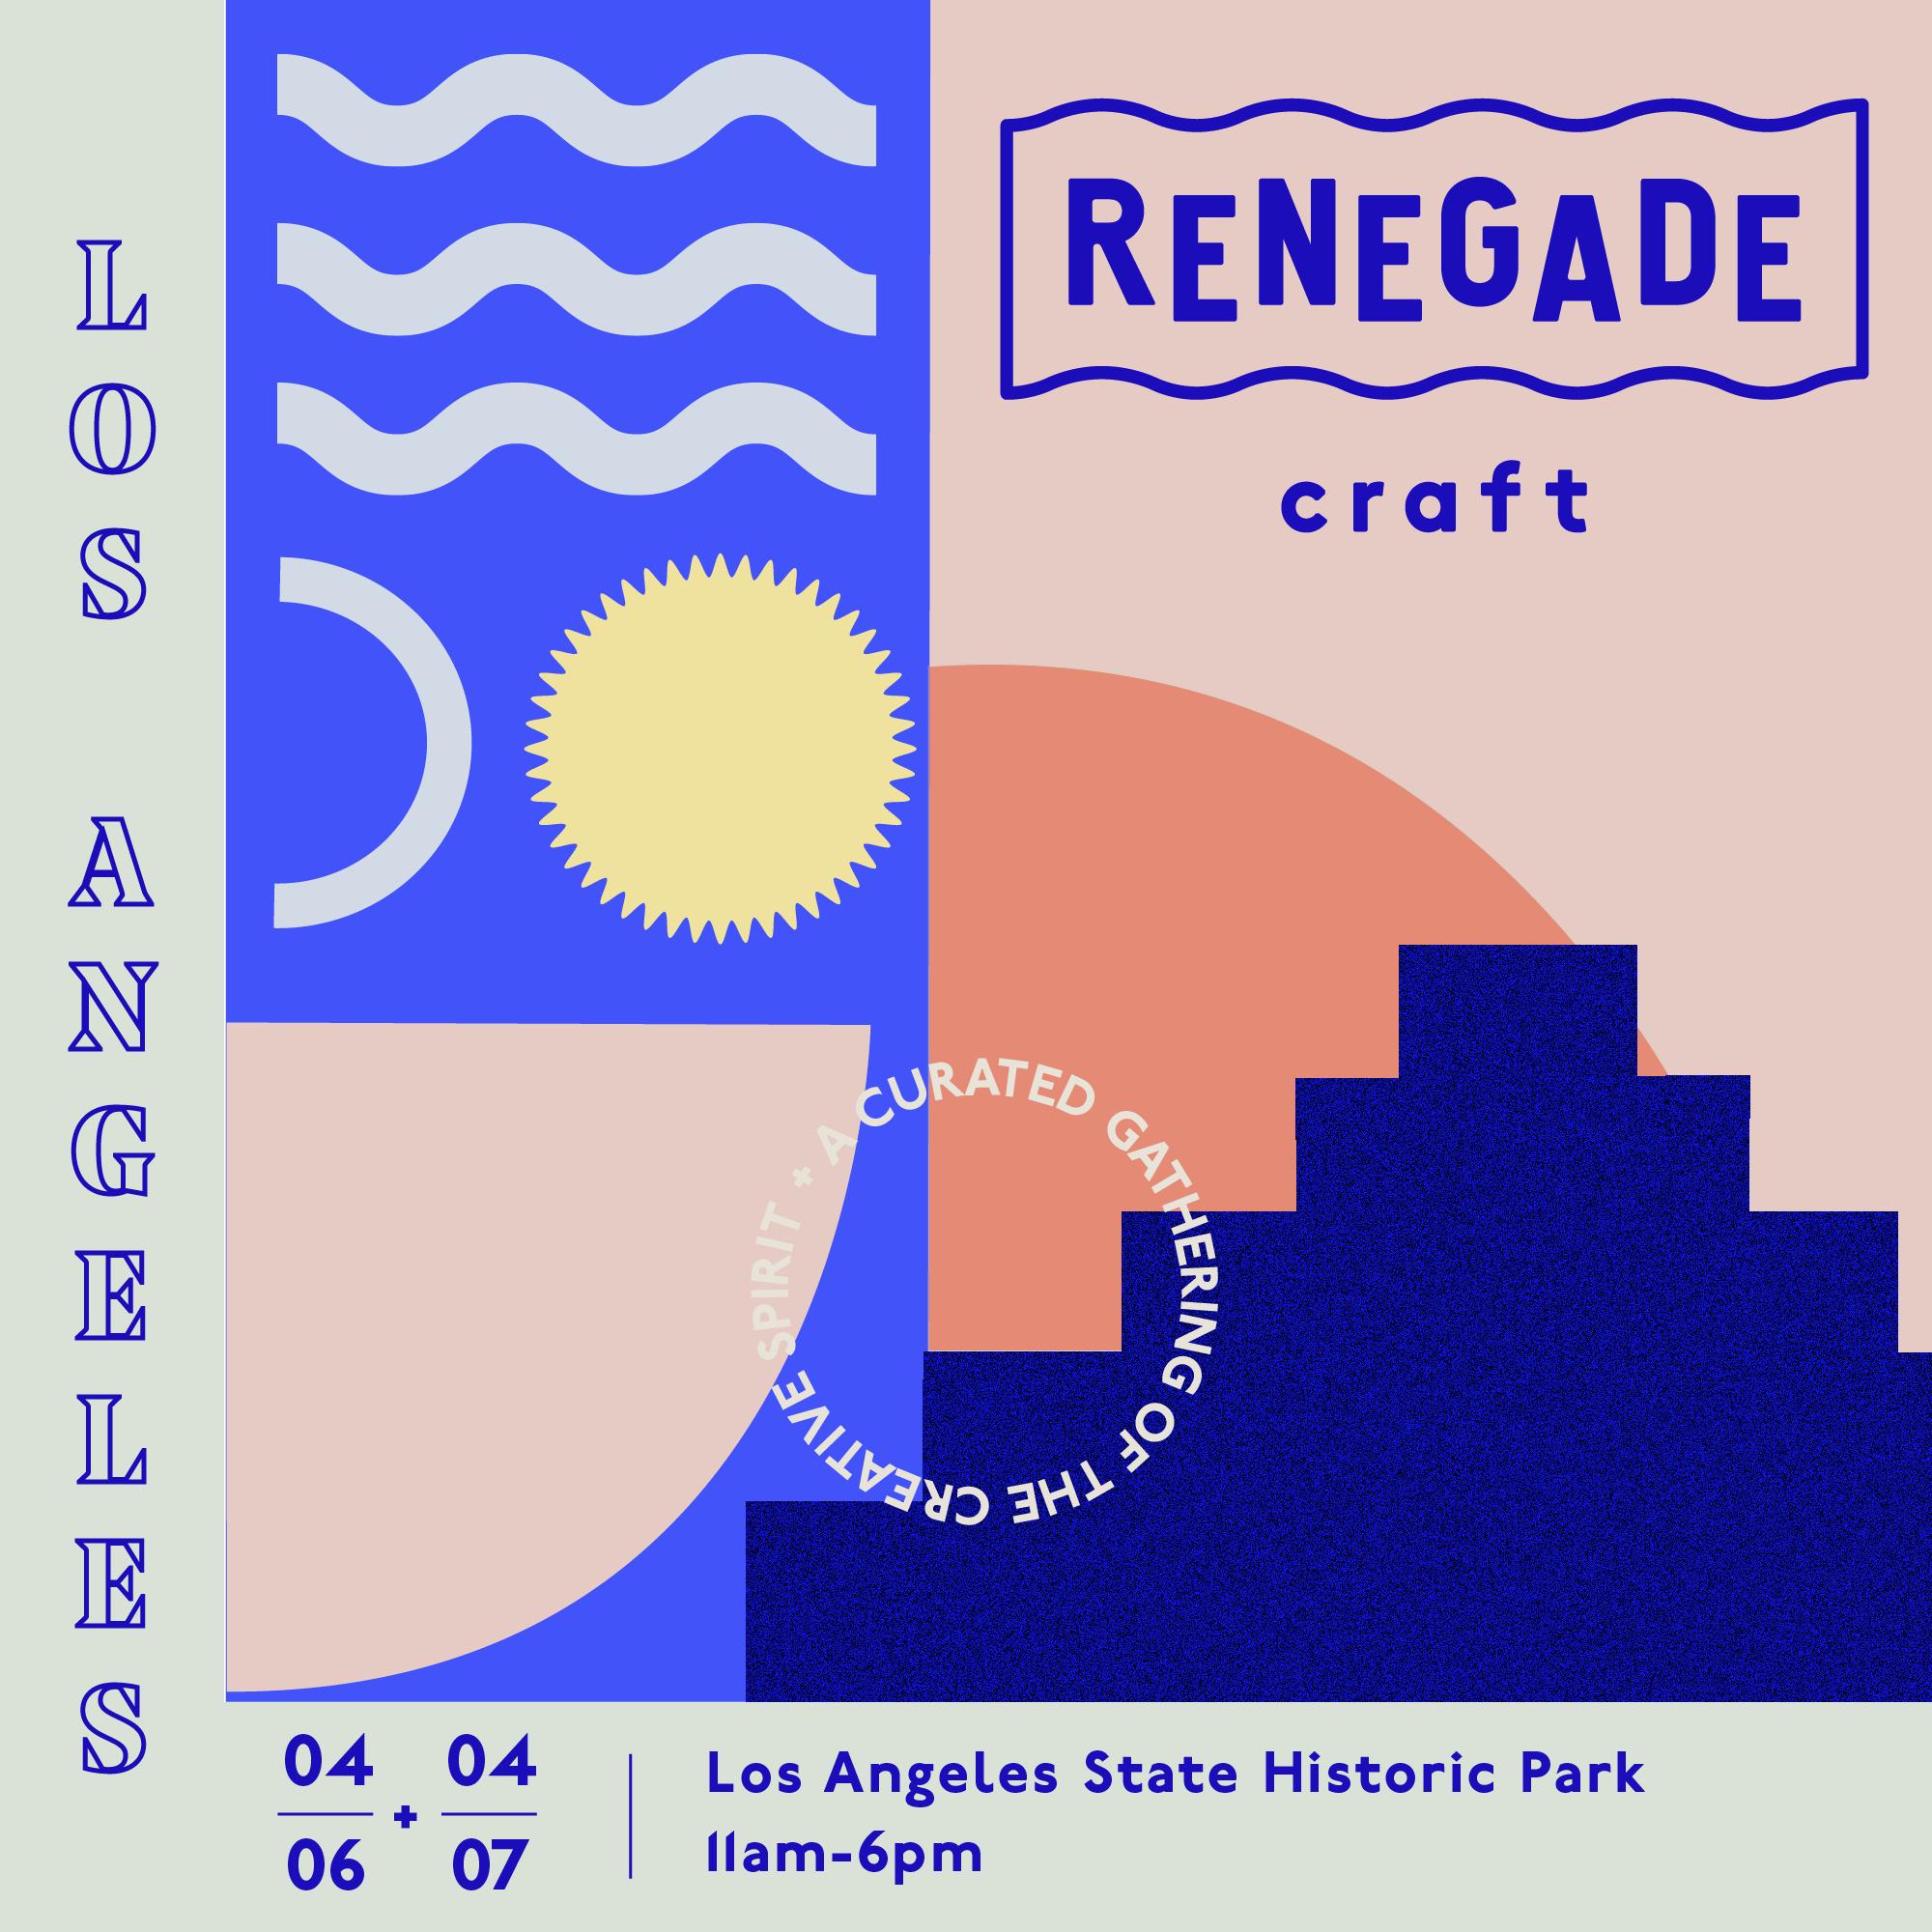 LA_Renegade.png